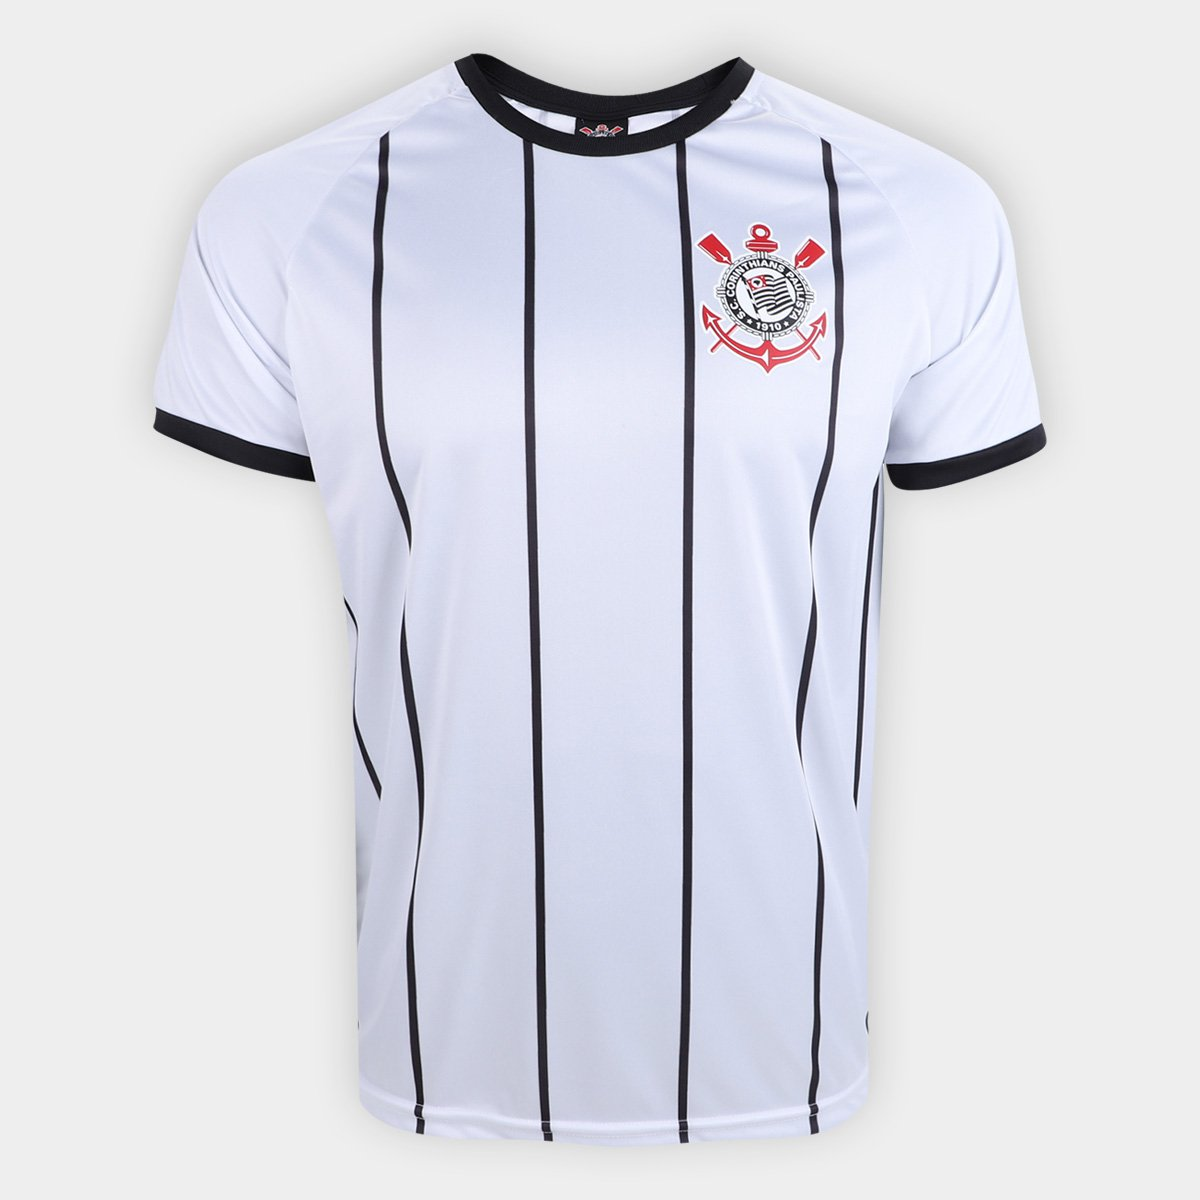 Camisa Corinthians Fenomenal - Edição Limitada Torcedor Masculina ... f05281d0b8d59